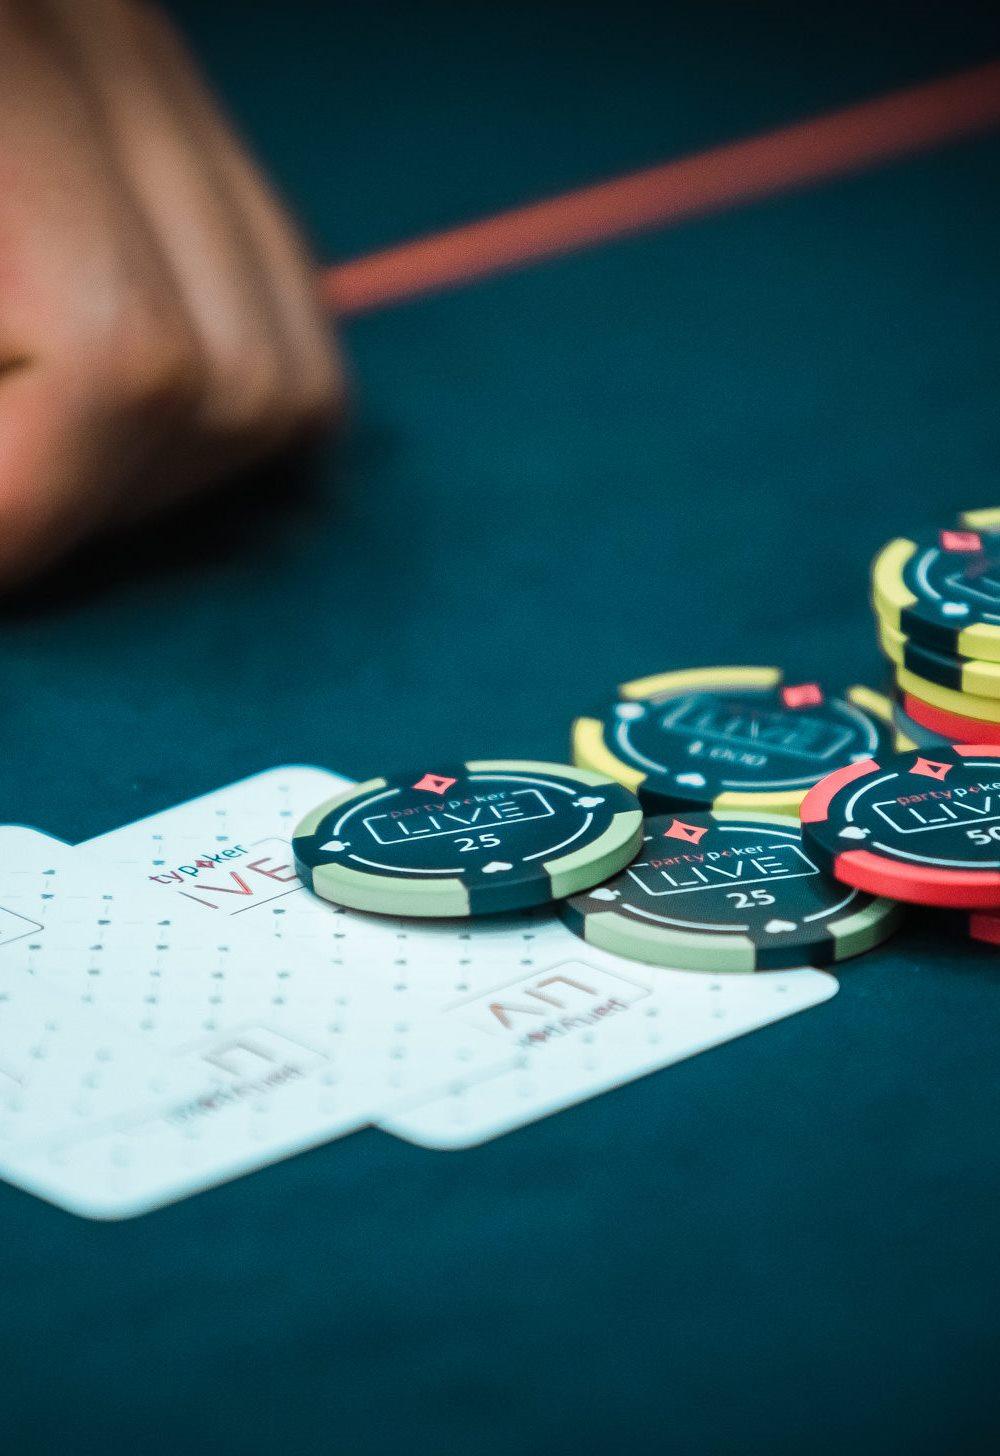 онлайн покер москвы